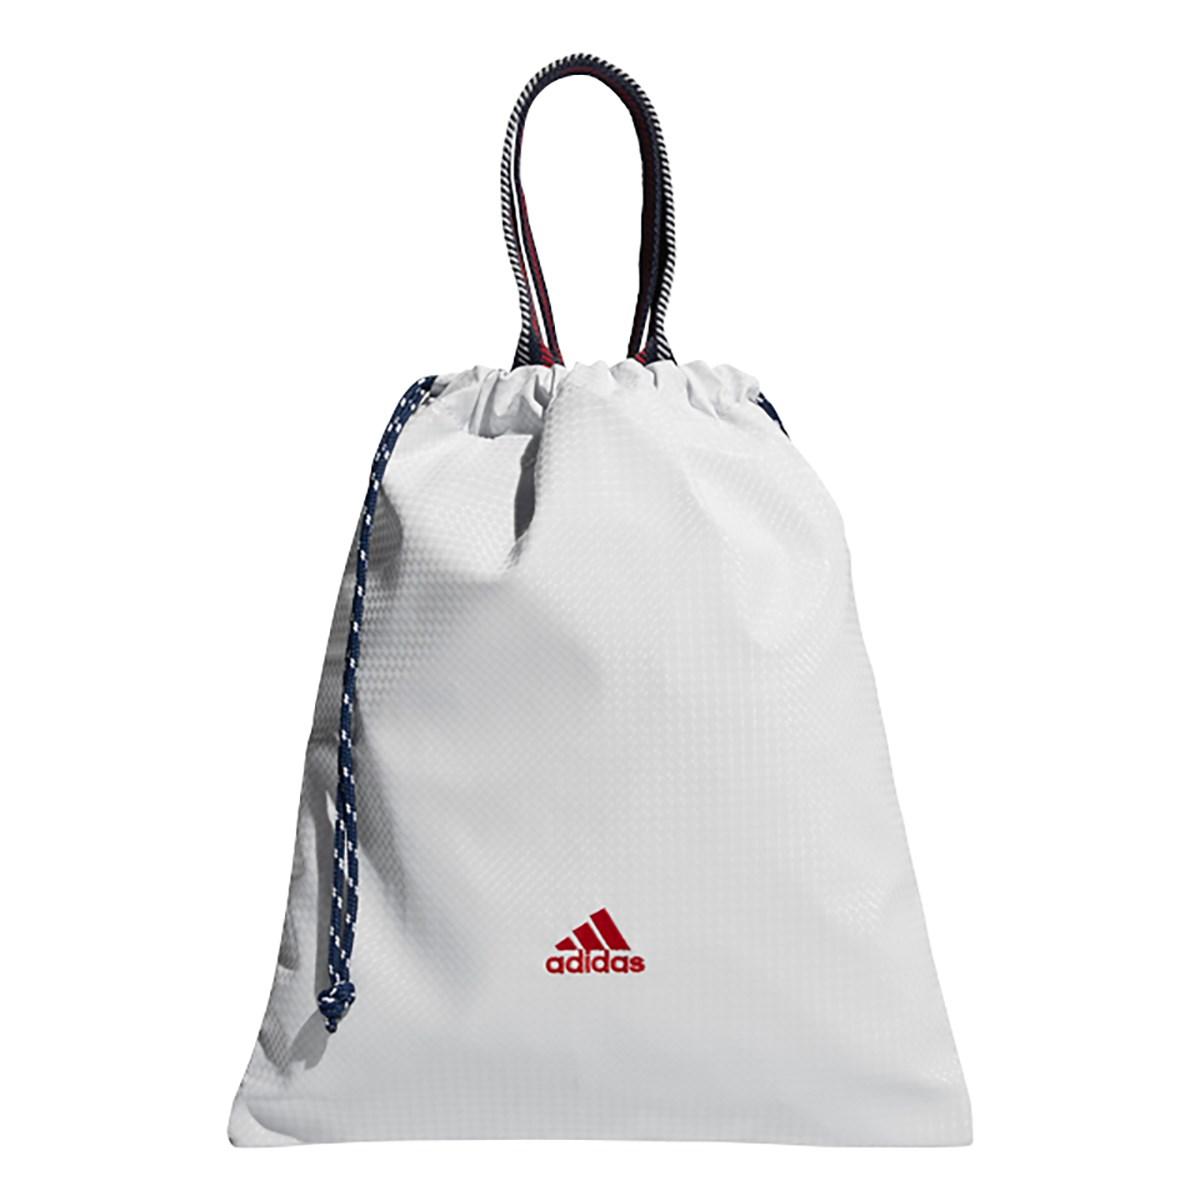 アディダス(adidas) ライトシューズケースレディス